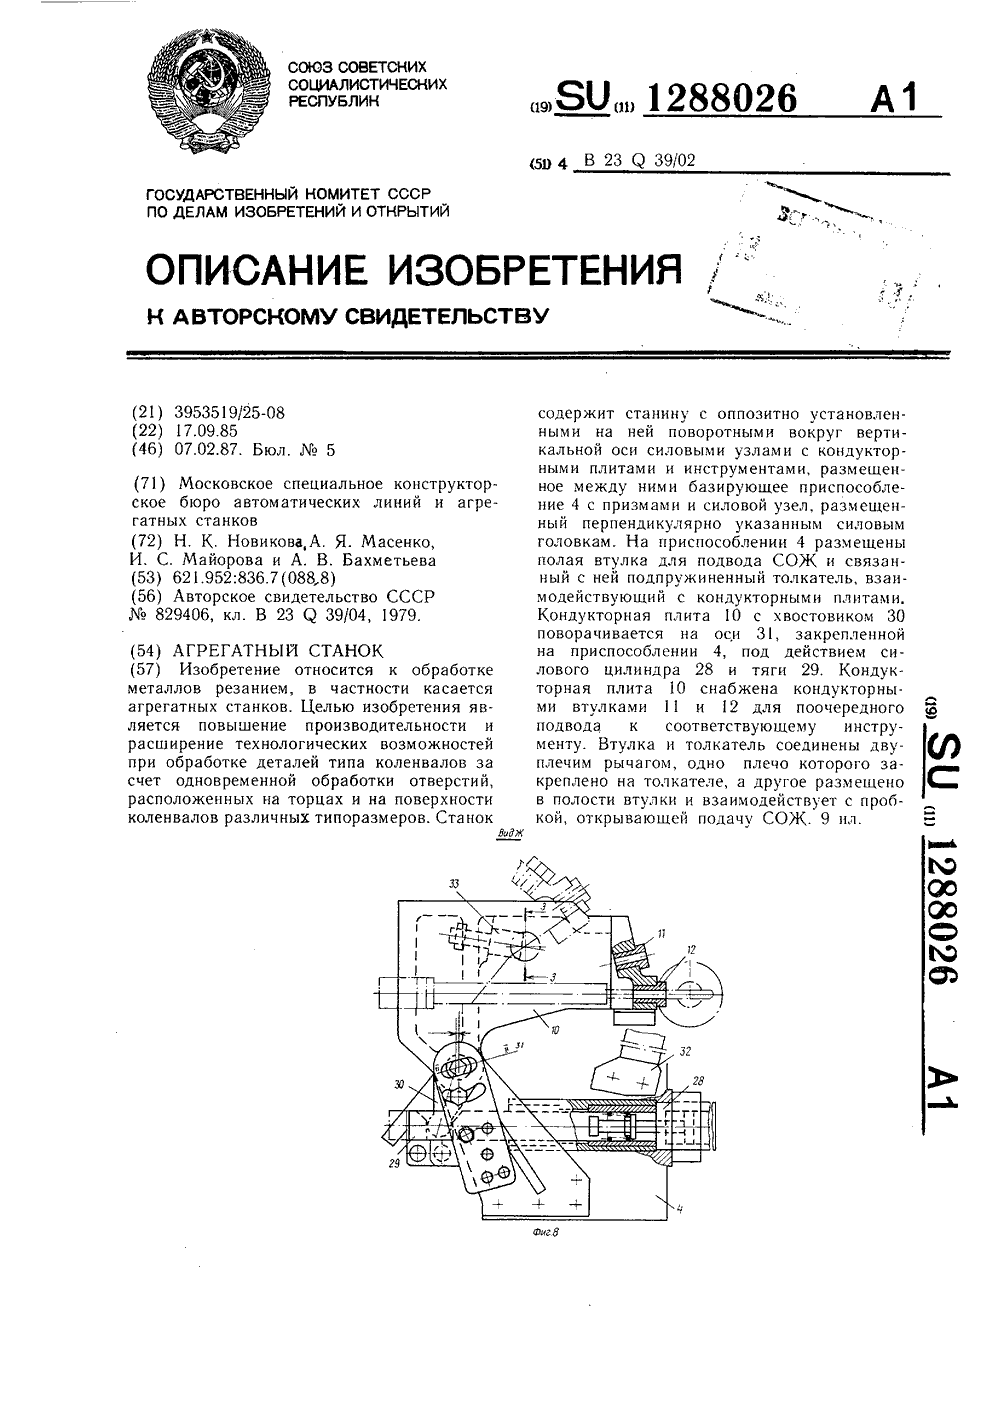 сверлильный кондуктор accura